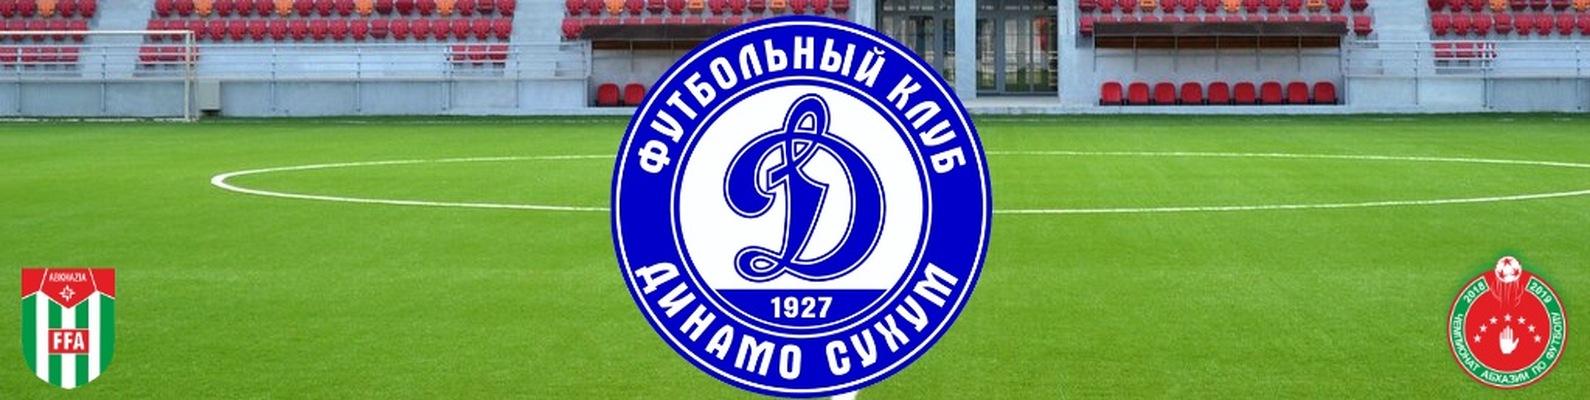 Футбольный клуб динамо москве сайт вакансии в фитнес клубах в москве